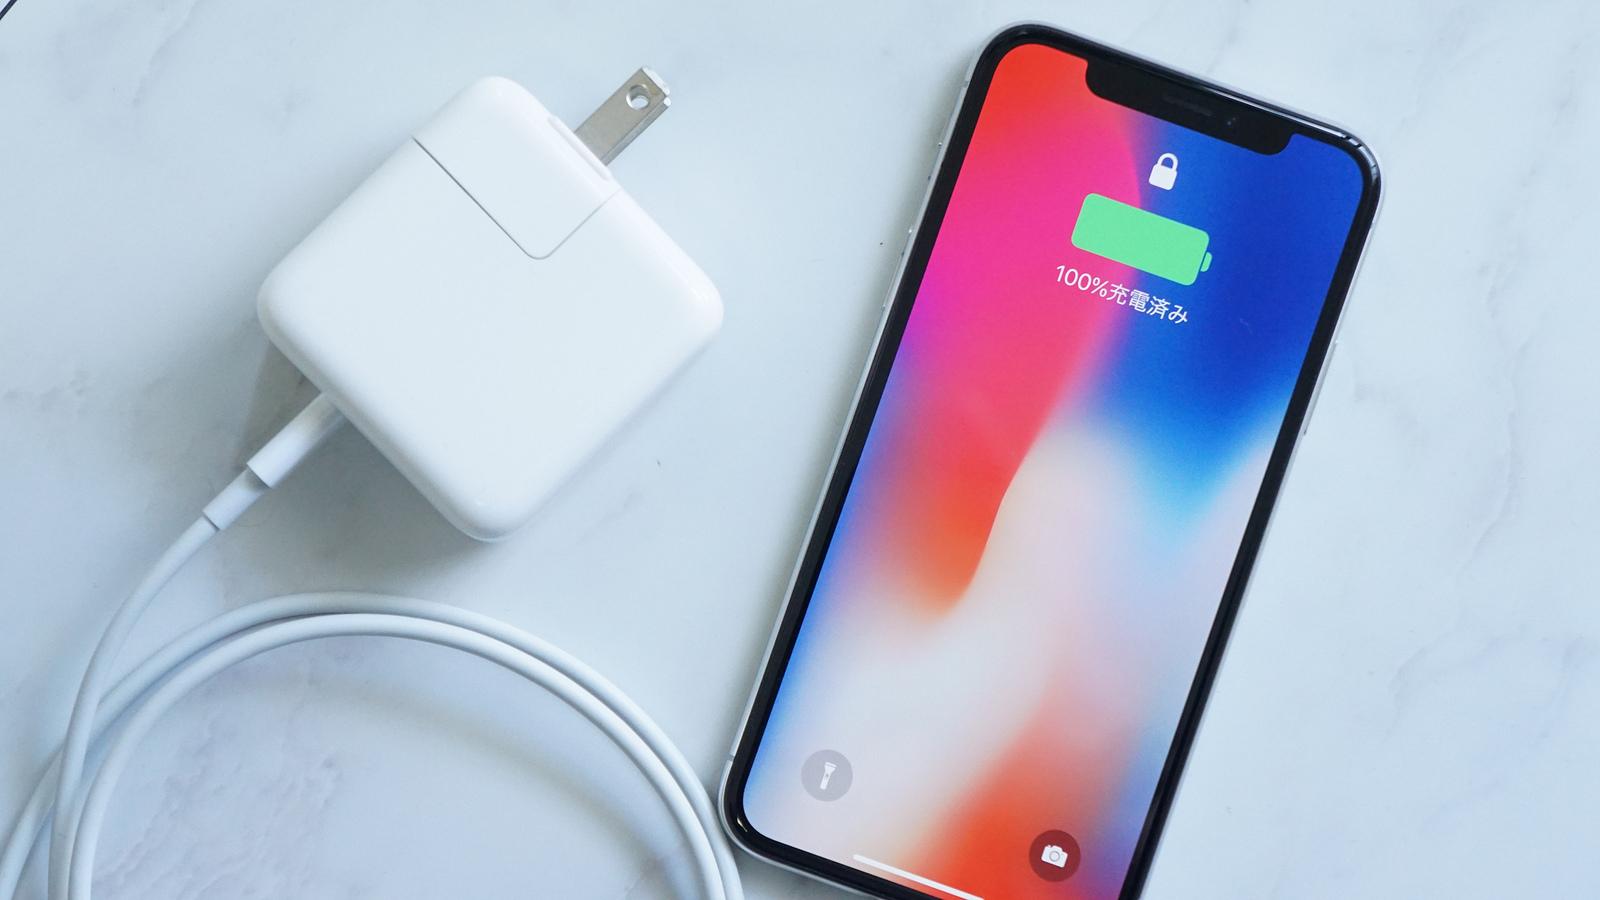 新型iPhone、高速充電に対応したUSB-C充電器・ケーブルが付属か